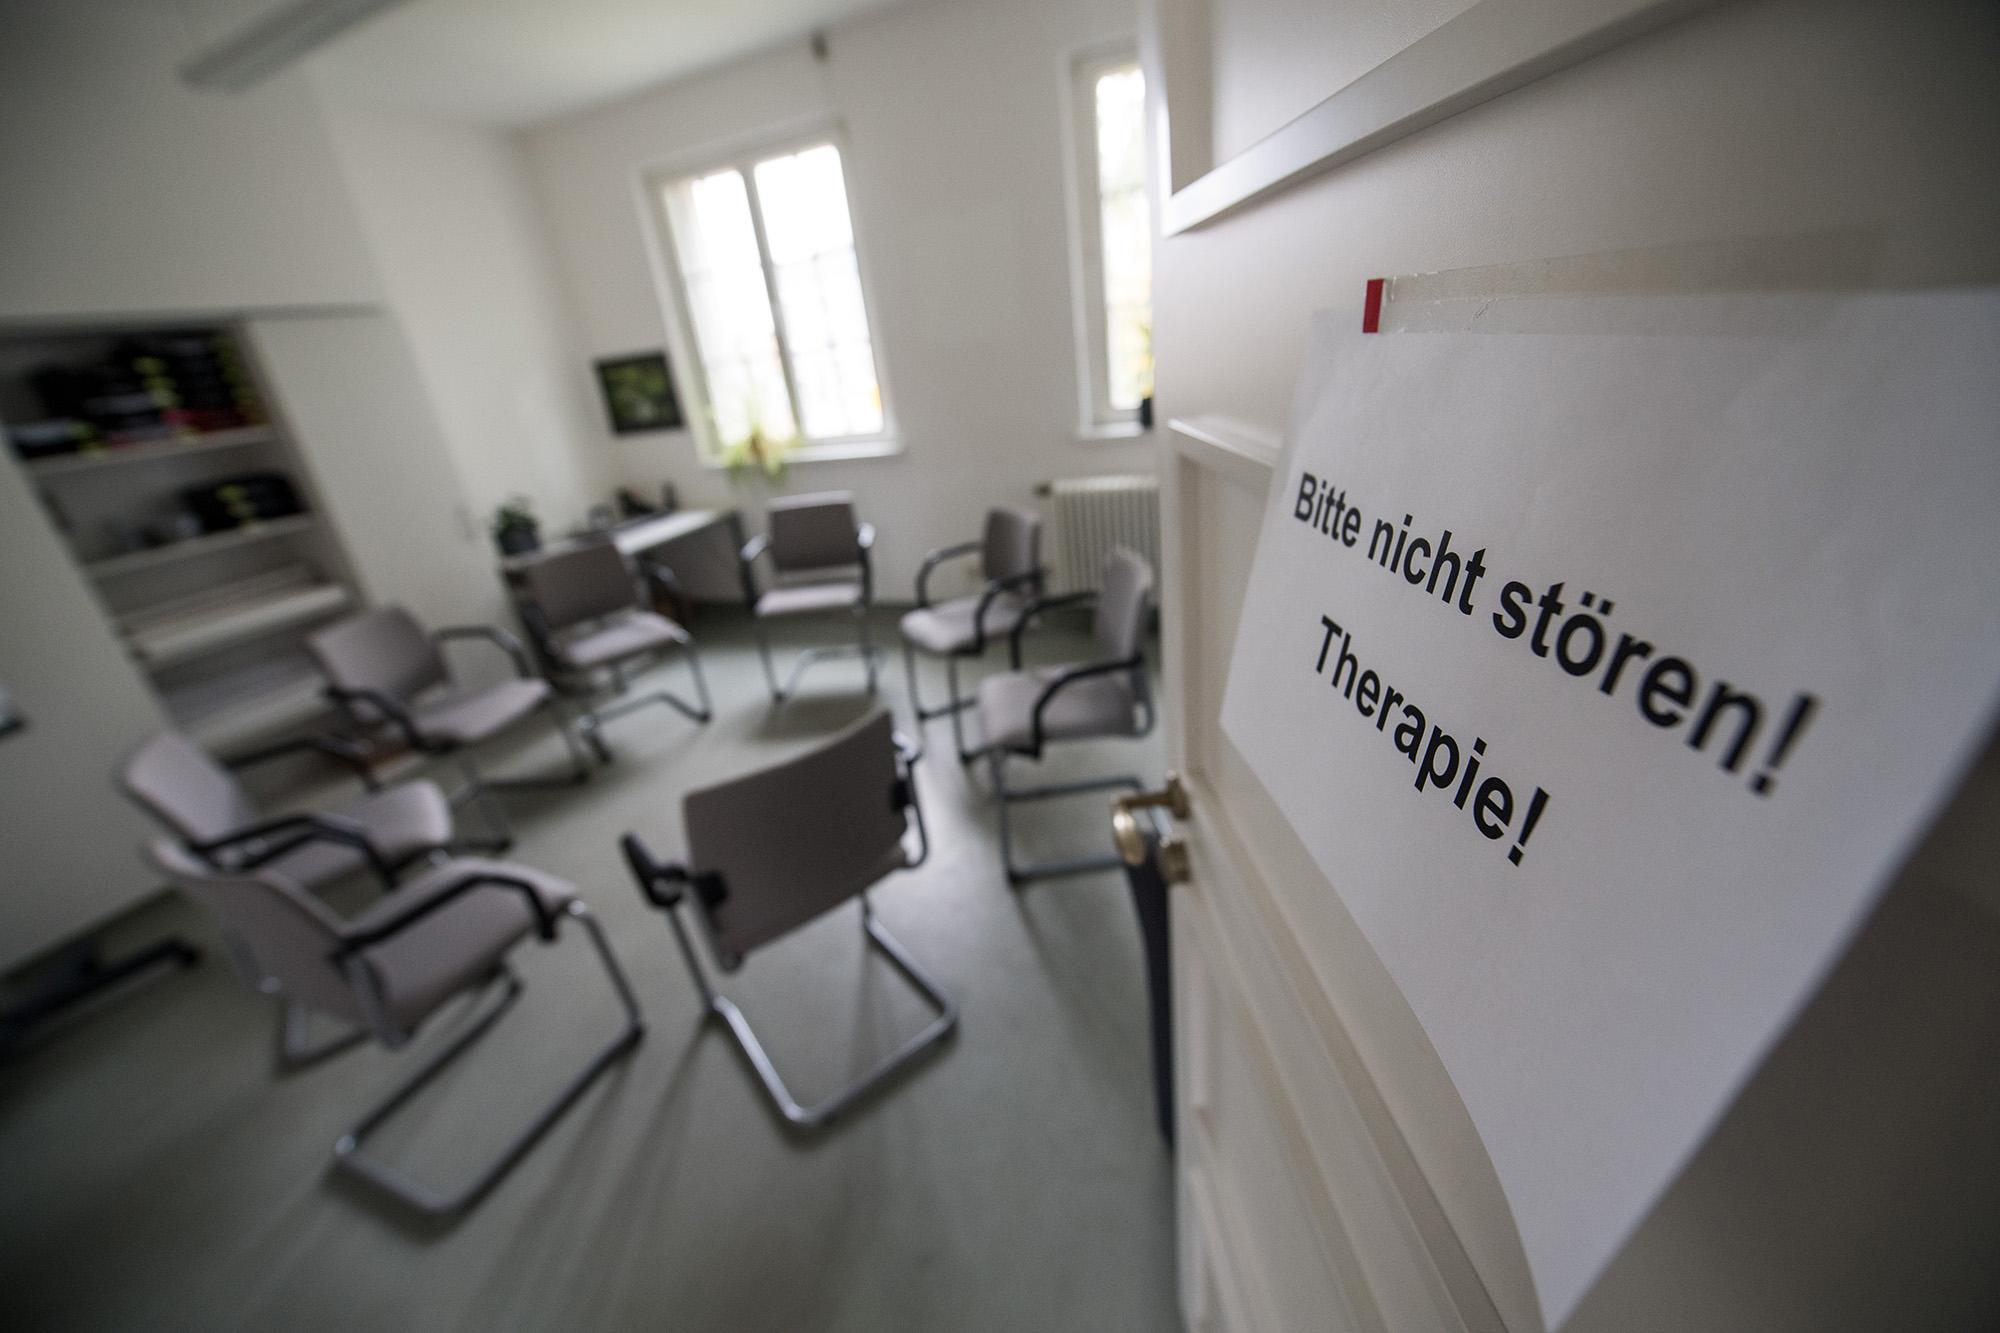 Der Therapieraum ist versteckt und karg ausgestattet. Hier gibt es regelmäßig Gruppensitzungen.